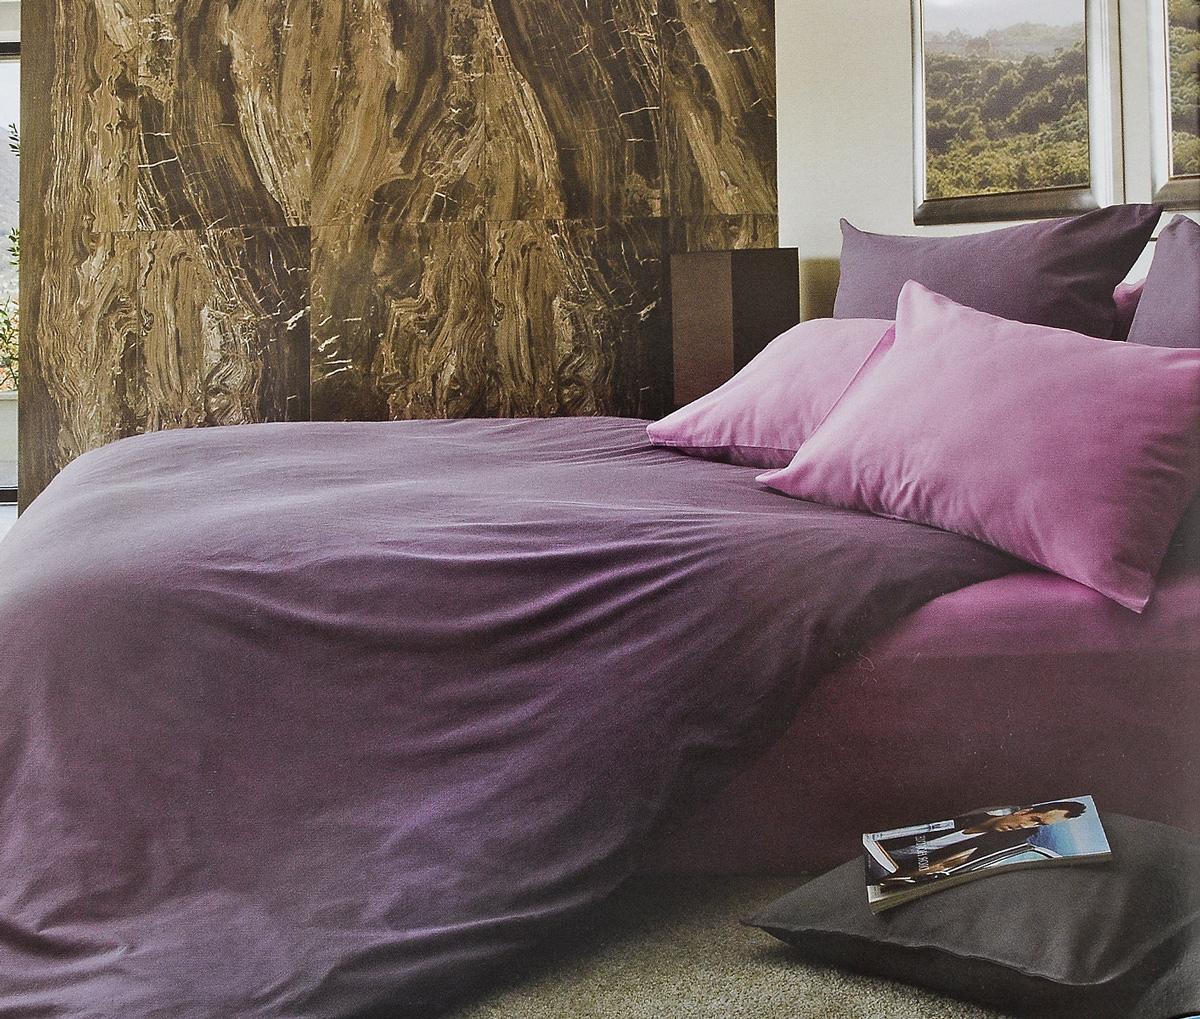 Комплект белья Tiffanys Secret Черничные ночи, 1,5-спальный, наволочки 50х70, цвет: фиолетовый, сиреневыйCLP446Комплект постельного белья Tiffanys Secret Черничные ночи является экологически безопасным для всей семьи, так как выполнен из сатина (100% хлопок). Комплект состоит из пододеяльника, простыни и двух наволочек. Благодаря такому комплекту постельного белья вы сможете создать атмосферу уюта и комфорта в вашей спальне.Сатин - это ткань, навсегда покорившая сердца человечества. Ценившие роскошь персы называли ее атлас, а искушенные в прекрасном французы - сатин. Секрет высококачественного сатина в безупречности всего технологического процесса. Эту благородную ткань делают только из отборной натуральной пряжи, которую получают из самого лучшего тонковолокнистого хлопка. Благодаря использованию самой тонкой хлопковой нити получается необычайно мягкое и нежное полотно. Сатиновое постельное белье превращает жаркие летние ночи в прохладные и освежающие, а холодные зимние - в теплые и согревающие. Сатин очень приятен на ощупь, постельное белье из него долговечно, выдерживает более 300 стирок, и лишь спустя долгое время материал начинает немного тускнеть. Оцените все достоинства постельного белья из сатина, выбирая самое лучшее для себя!